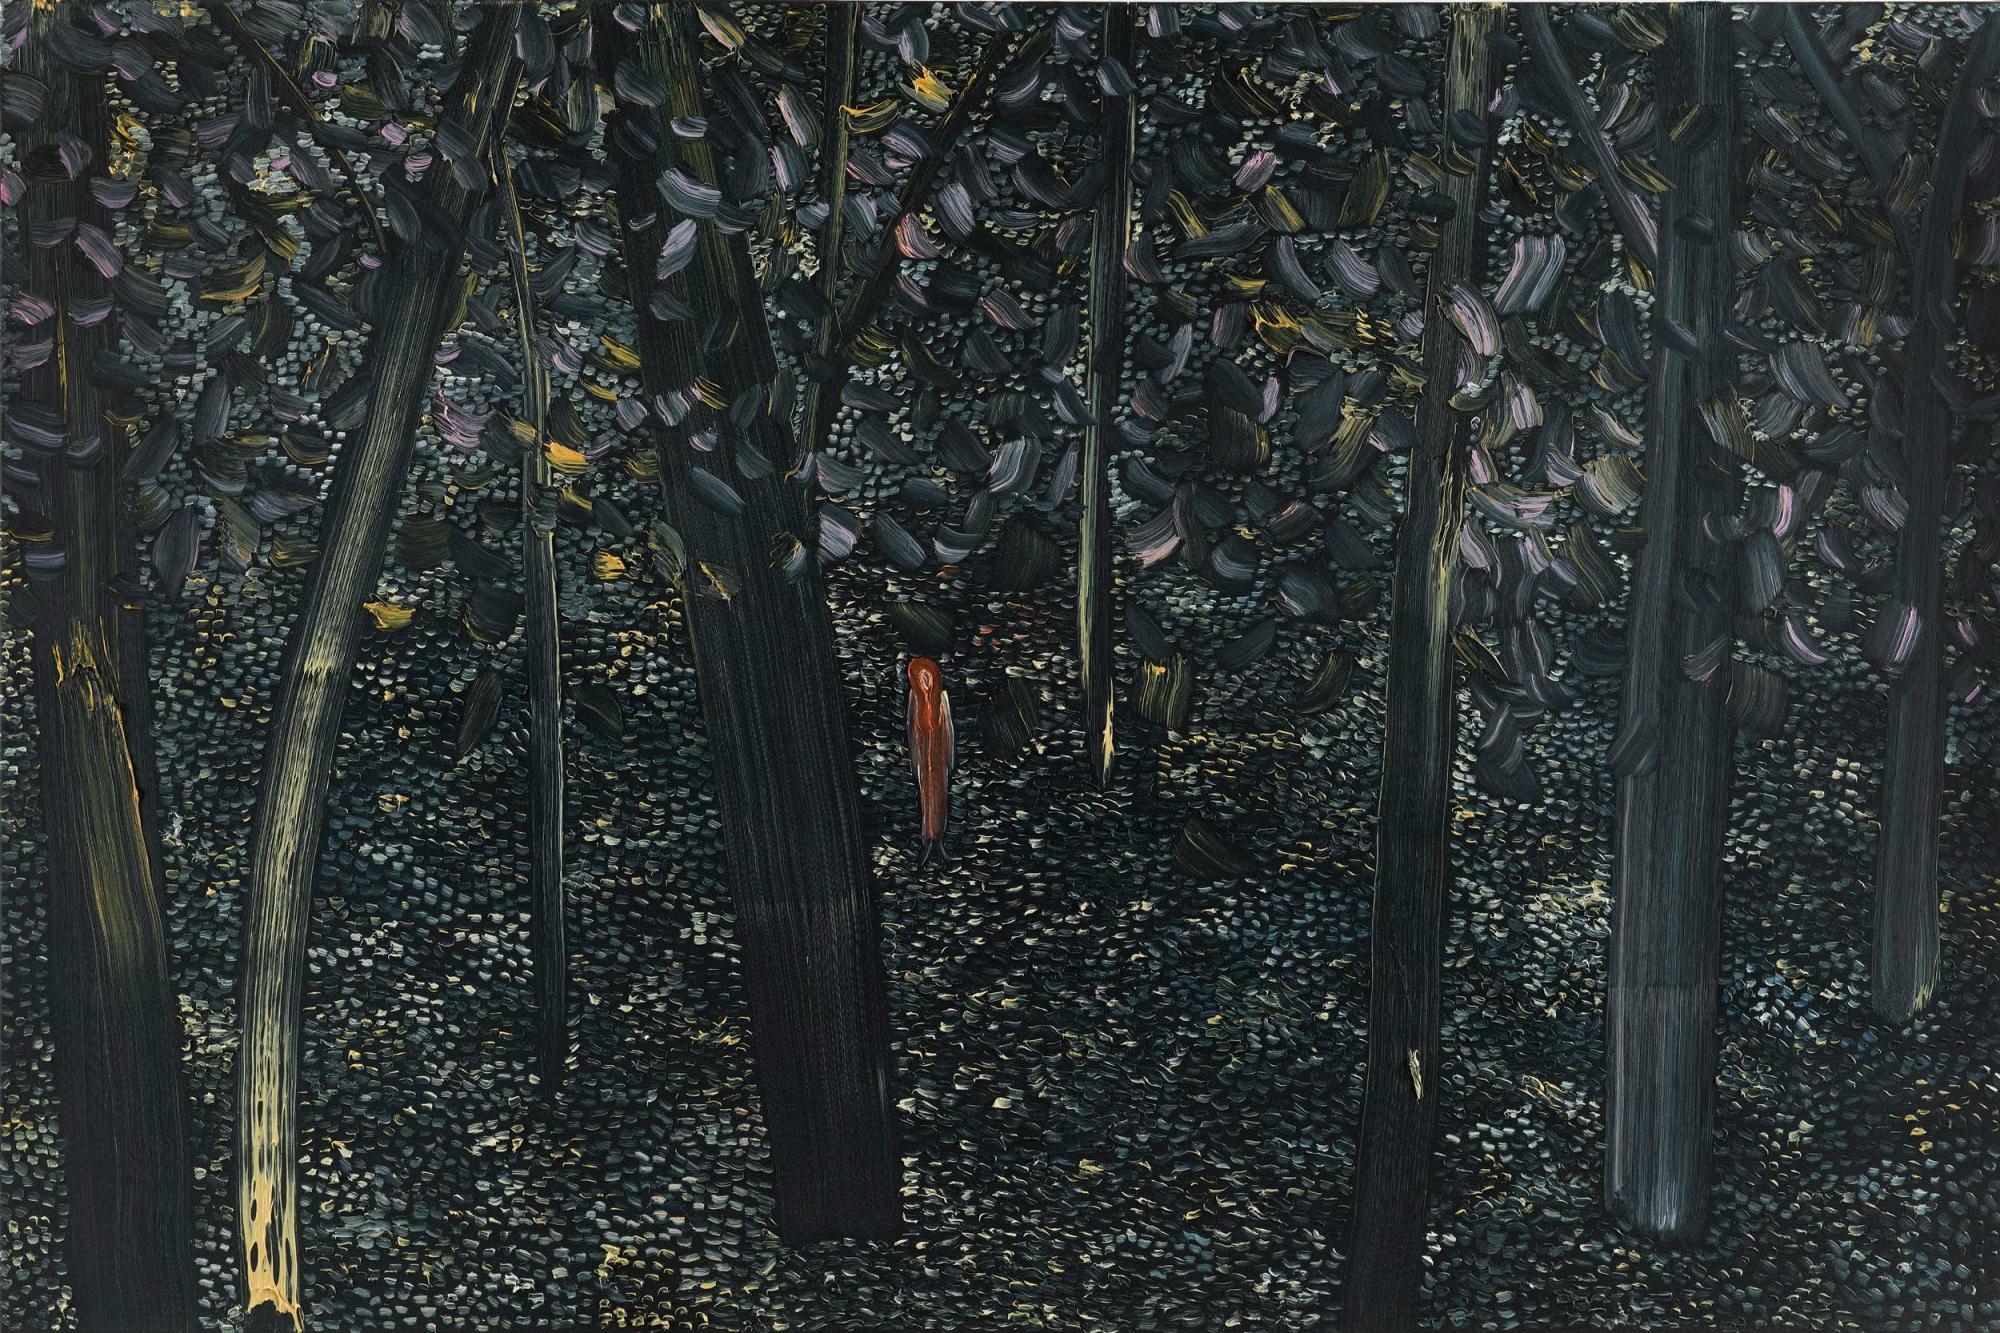 Matthew-Wong_-Figure-in-a-Night-Landscape.jpg